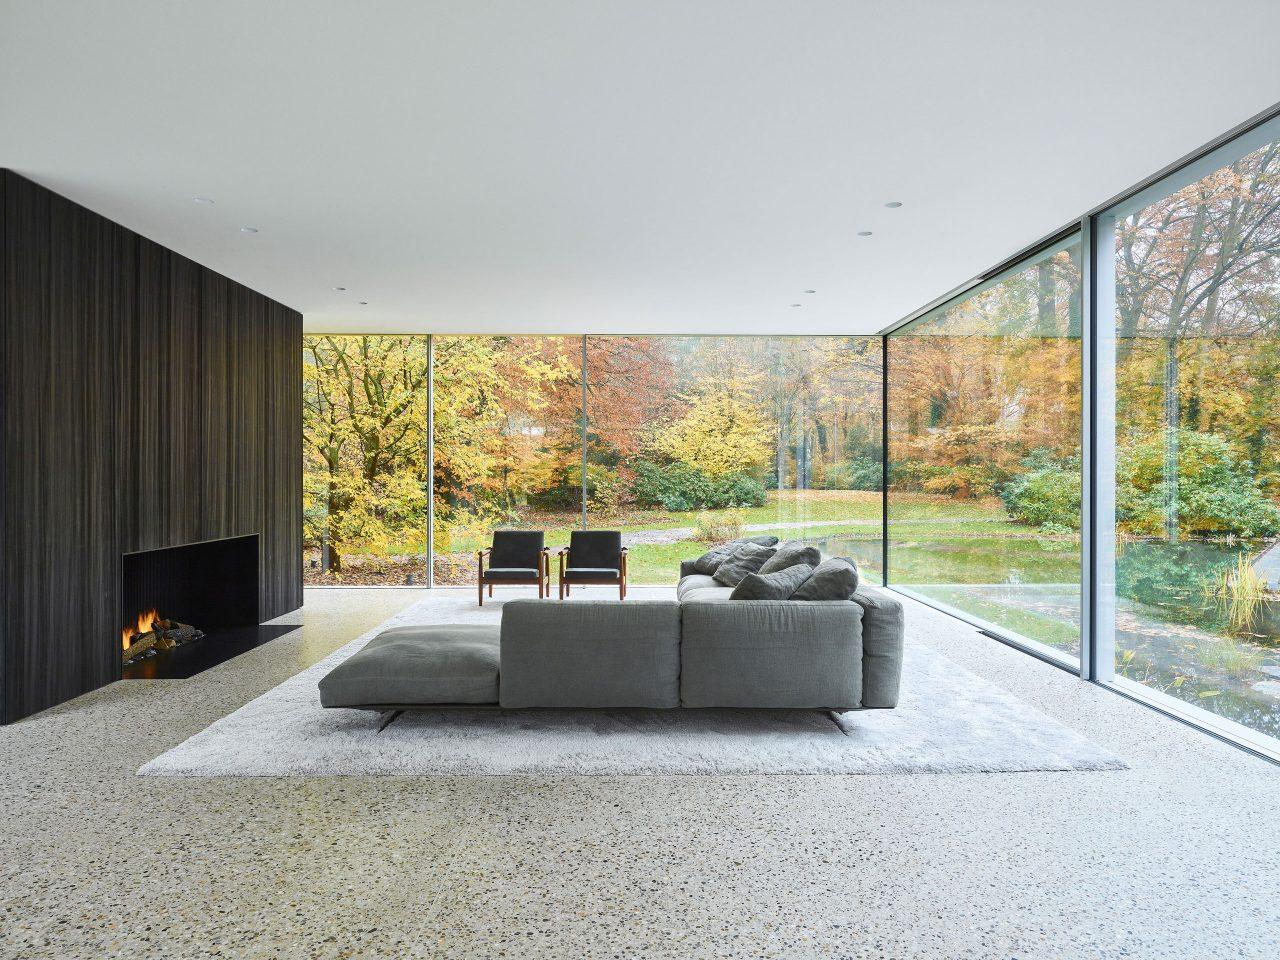 Wohnzimmer mit Blick in die Natur und fugenloser BASWA Phon Akustikdecke